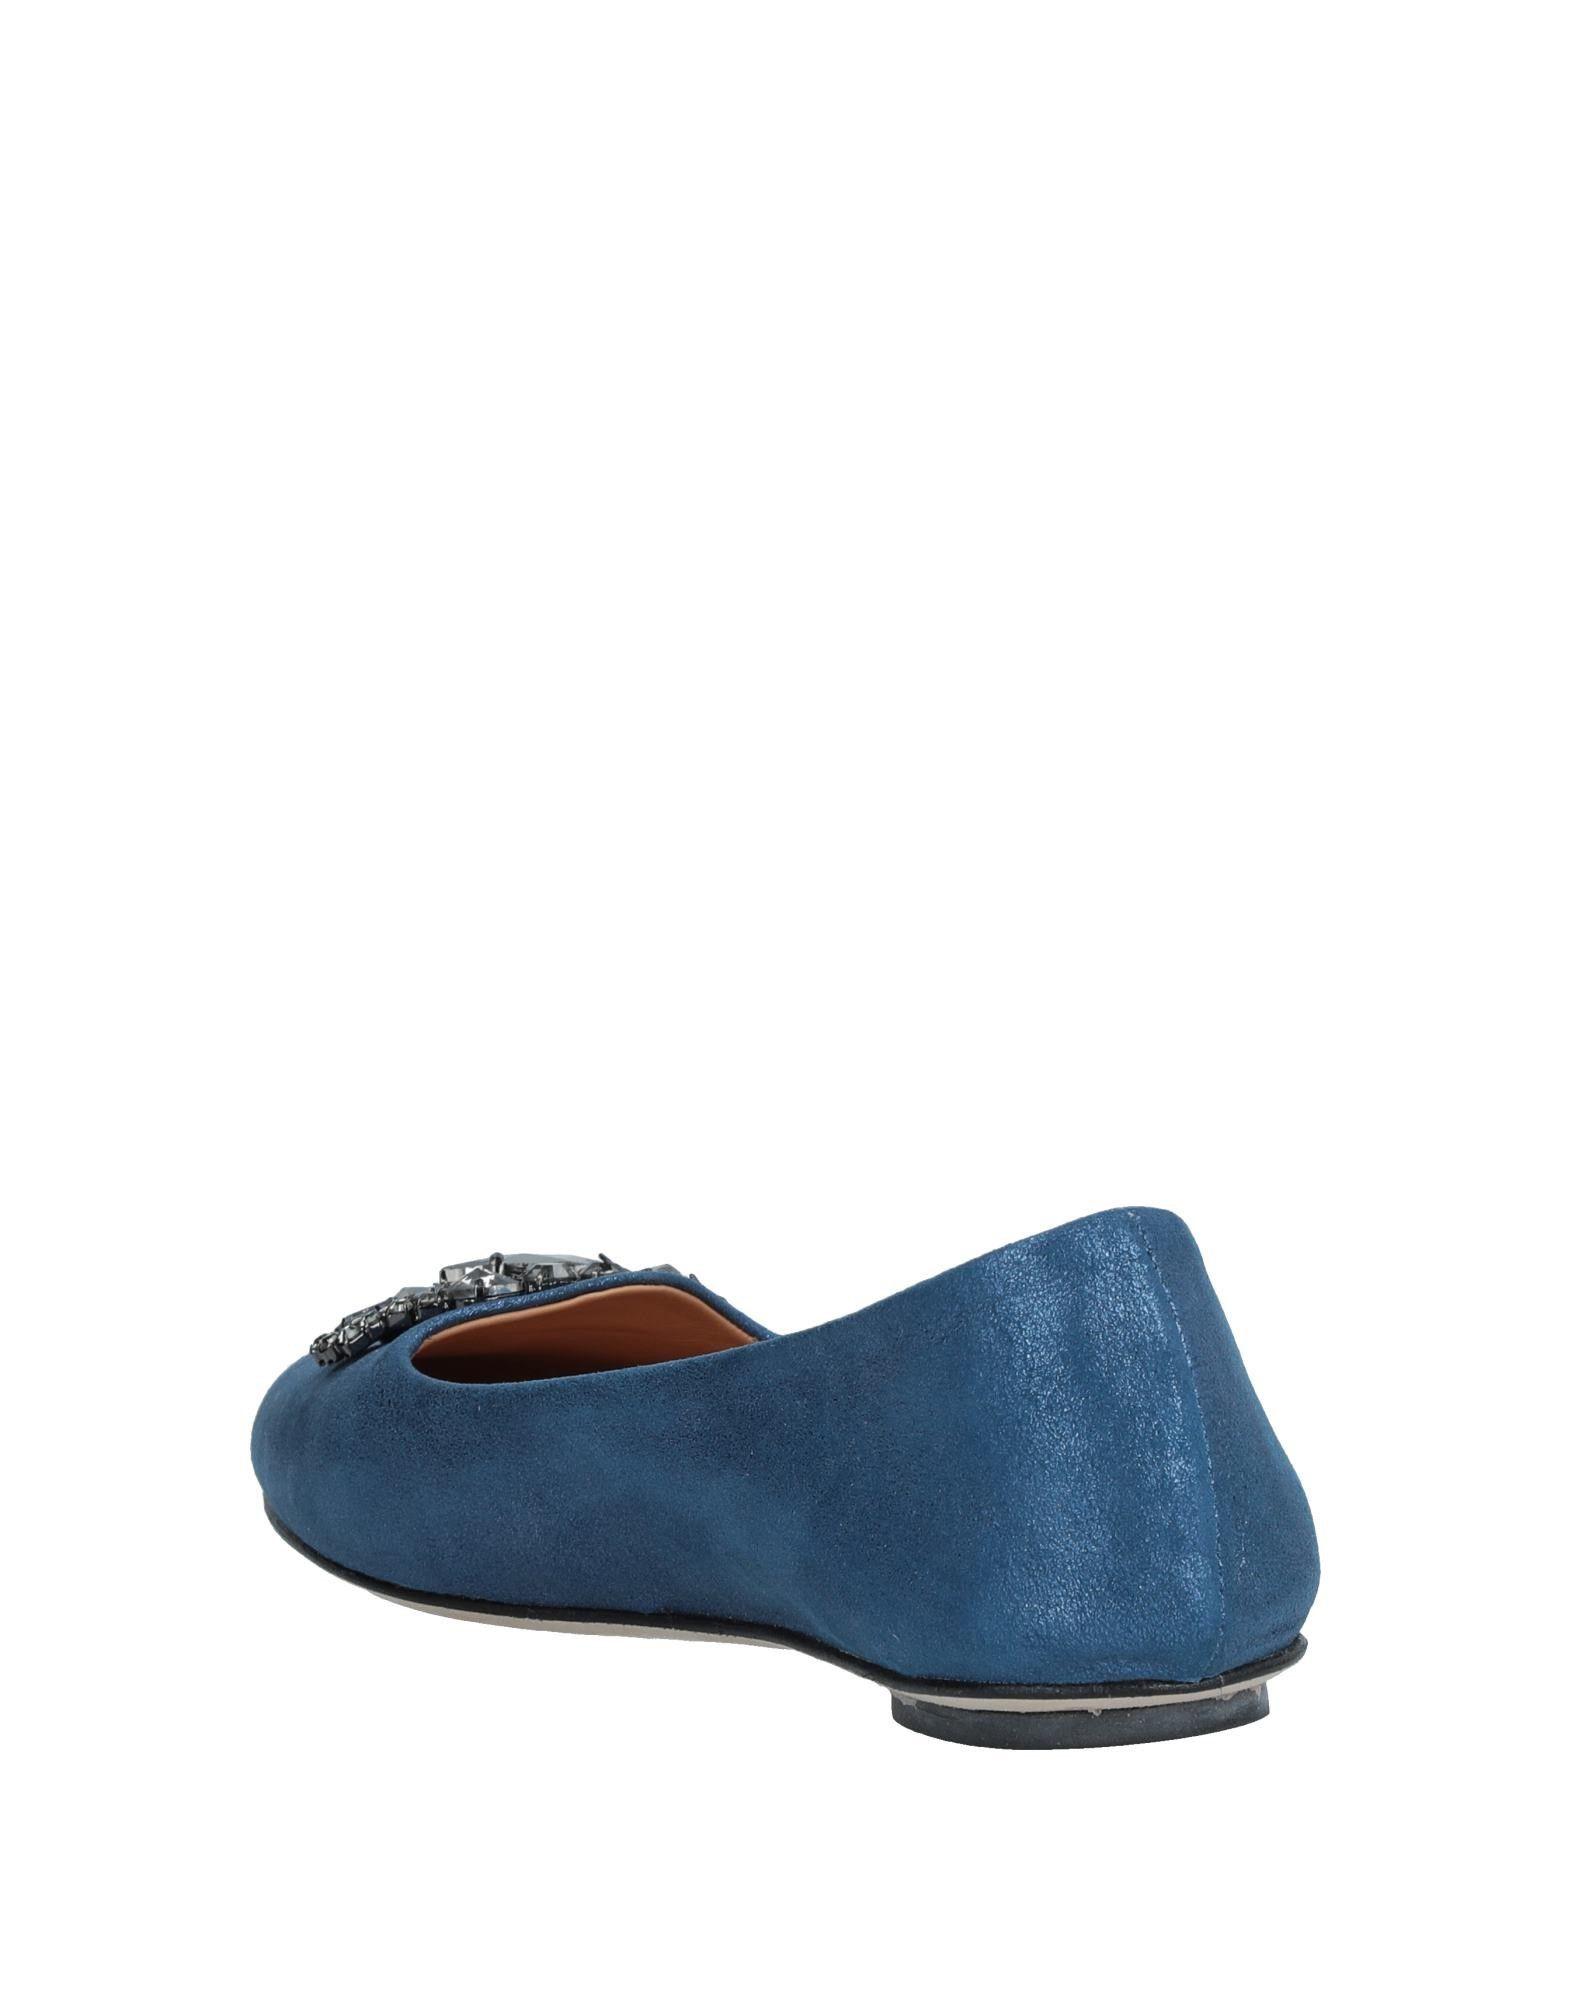 By A. Ballerinas Damen  Qualität 11529706GD Gute Qualität  beliebte Schuhe 351e87